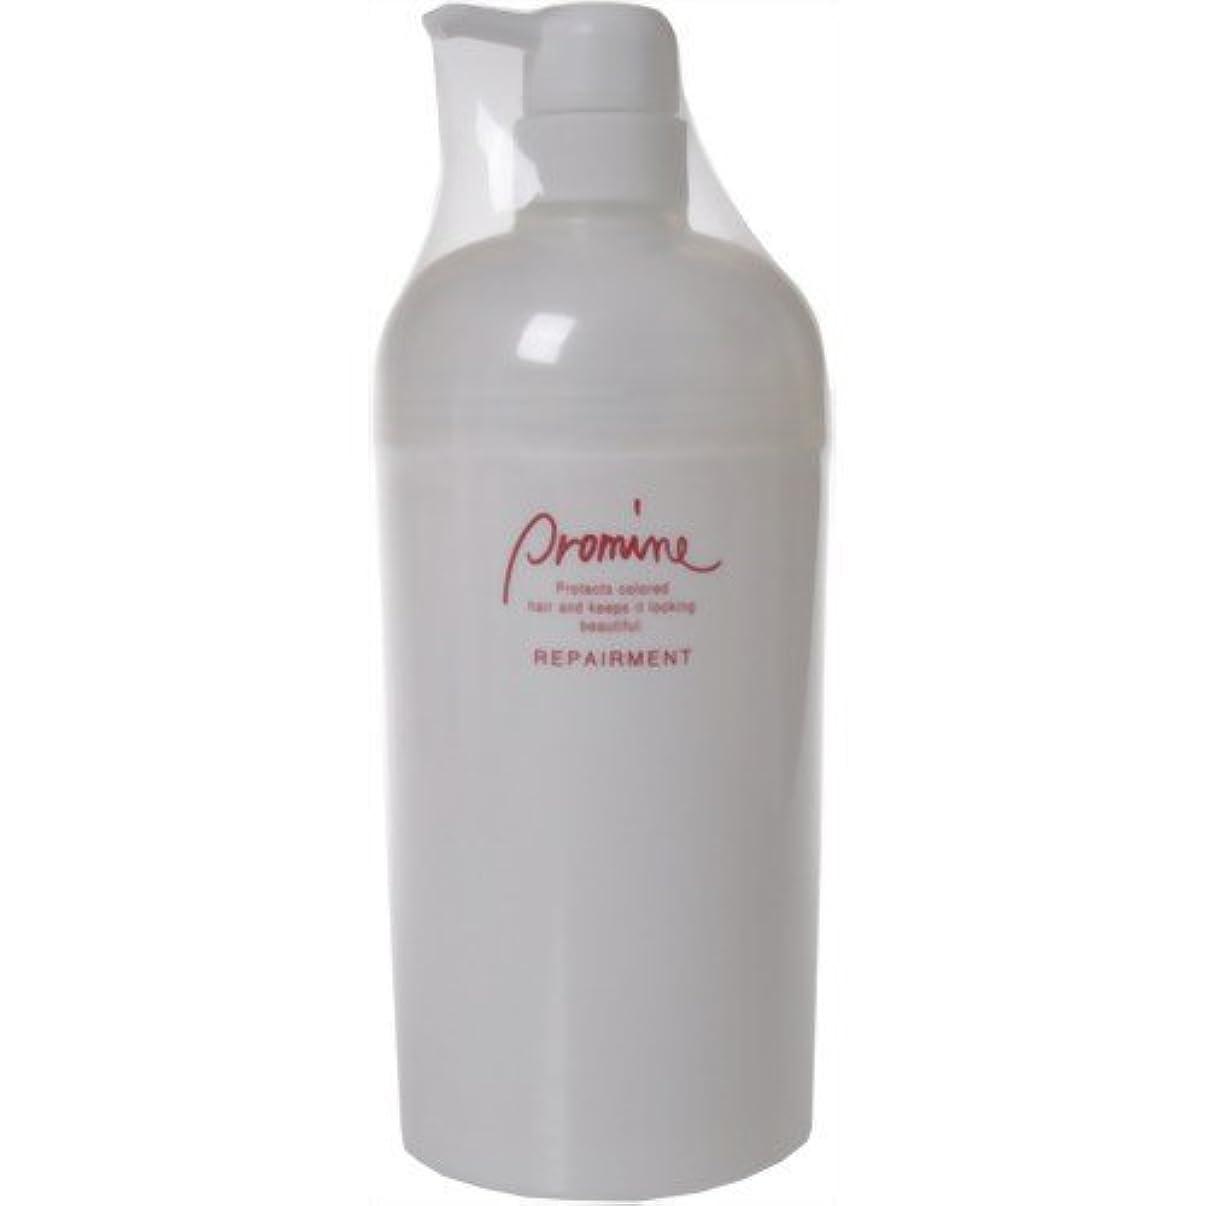 毒液オート農夫プロマインリペアメント